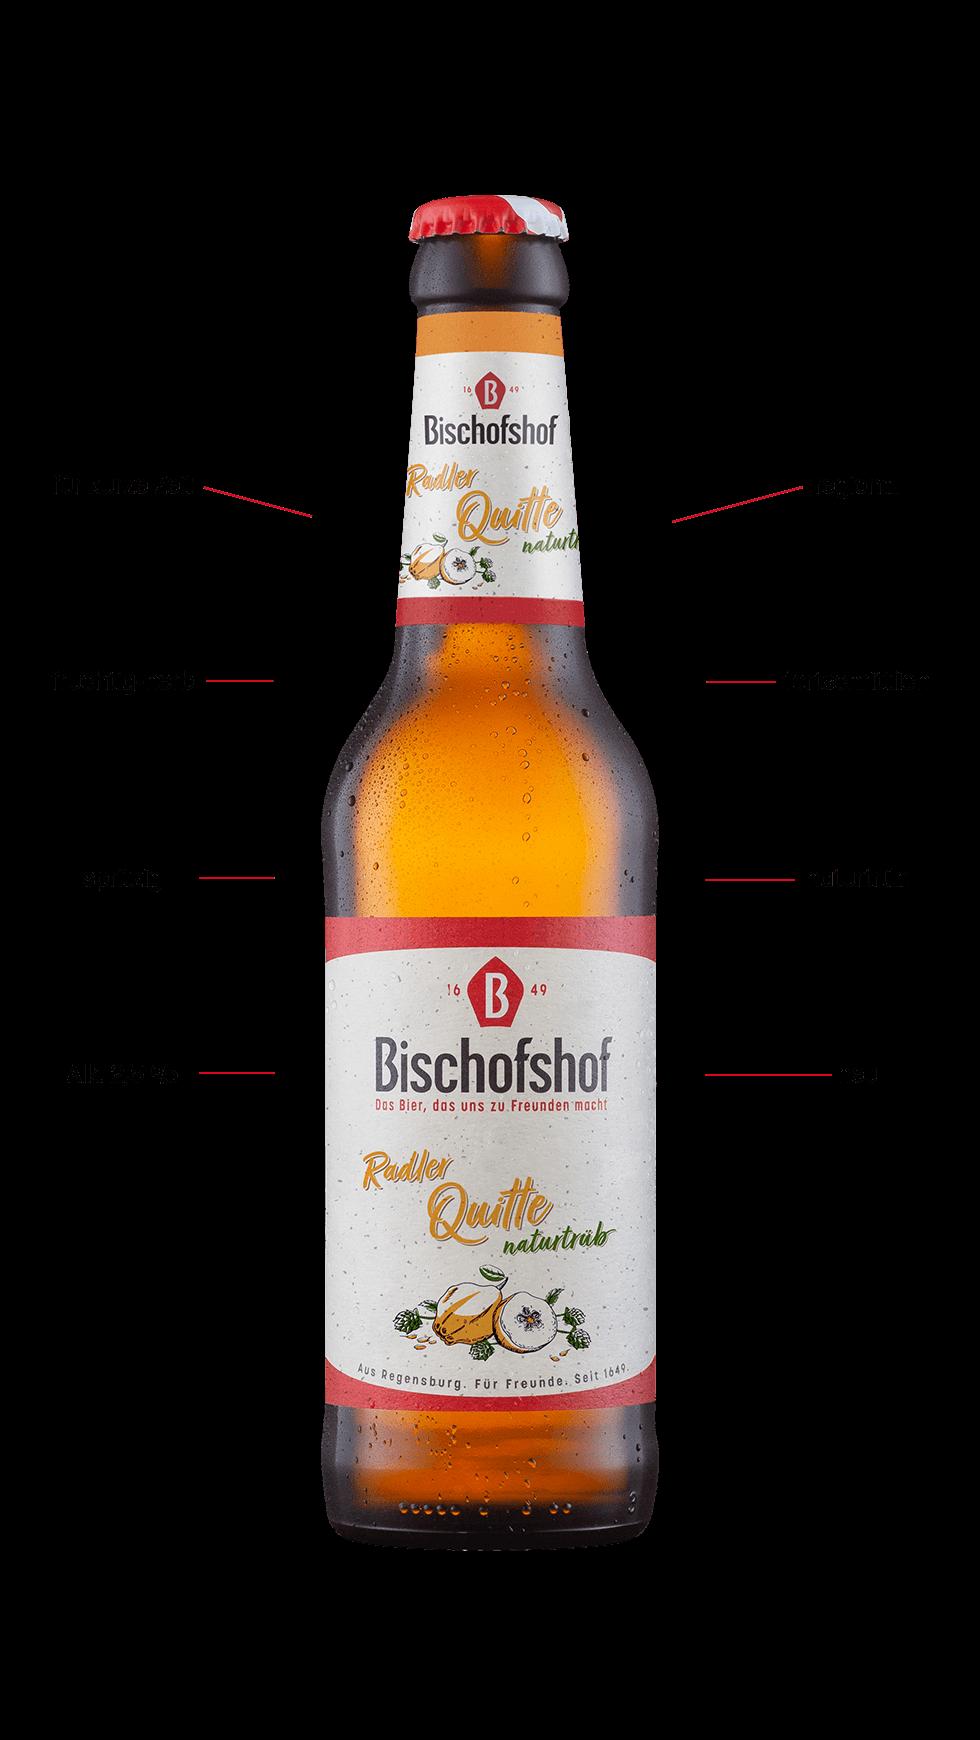 Bischofshof-Regensburger-Radler-Quitte-0-33l_ManhartMedia_Schlagwoerter_02